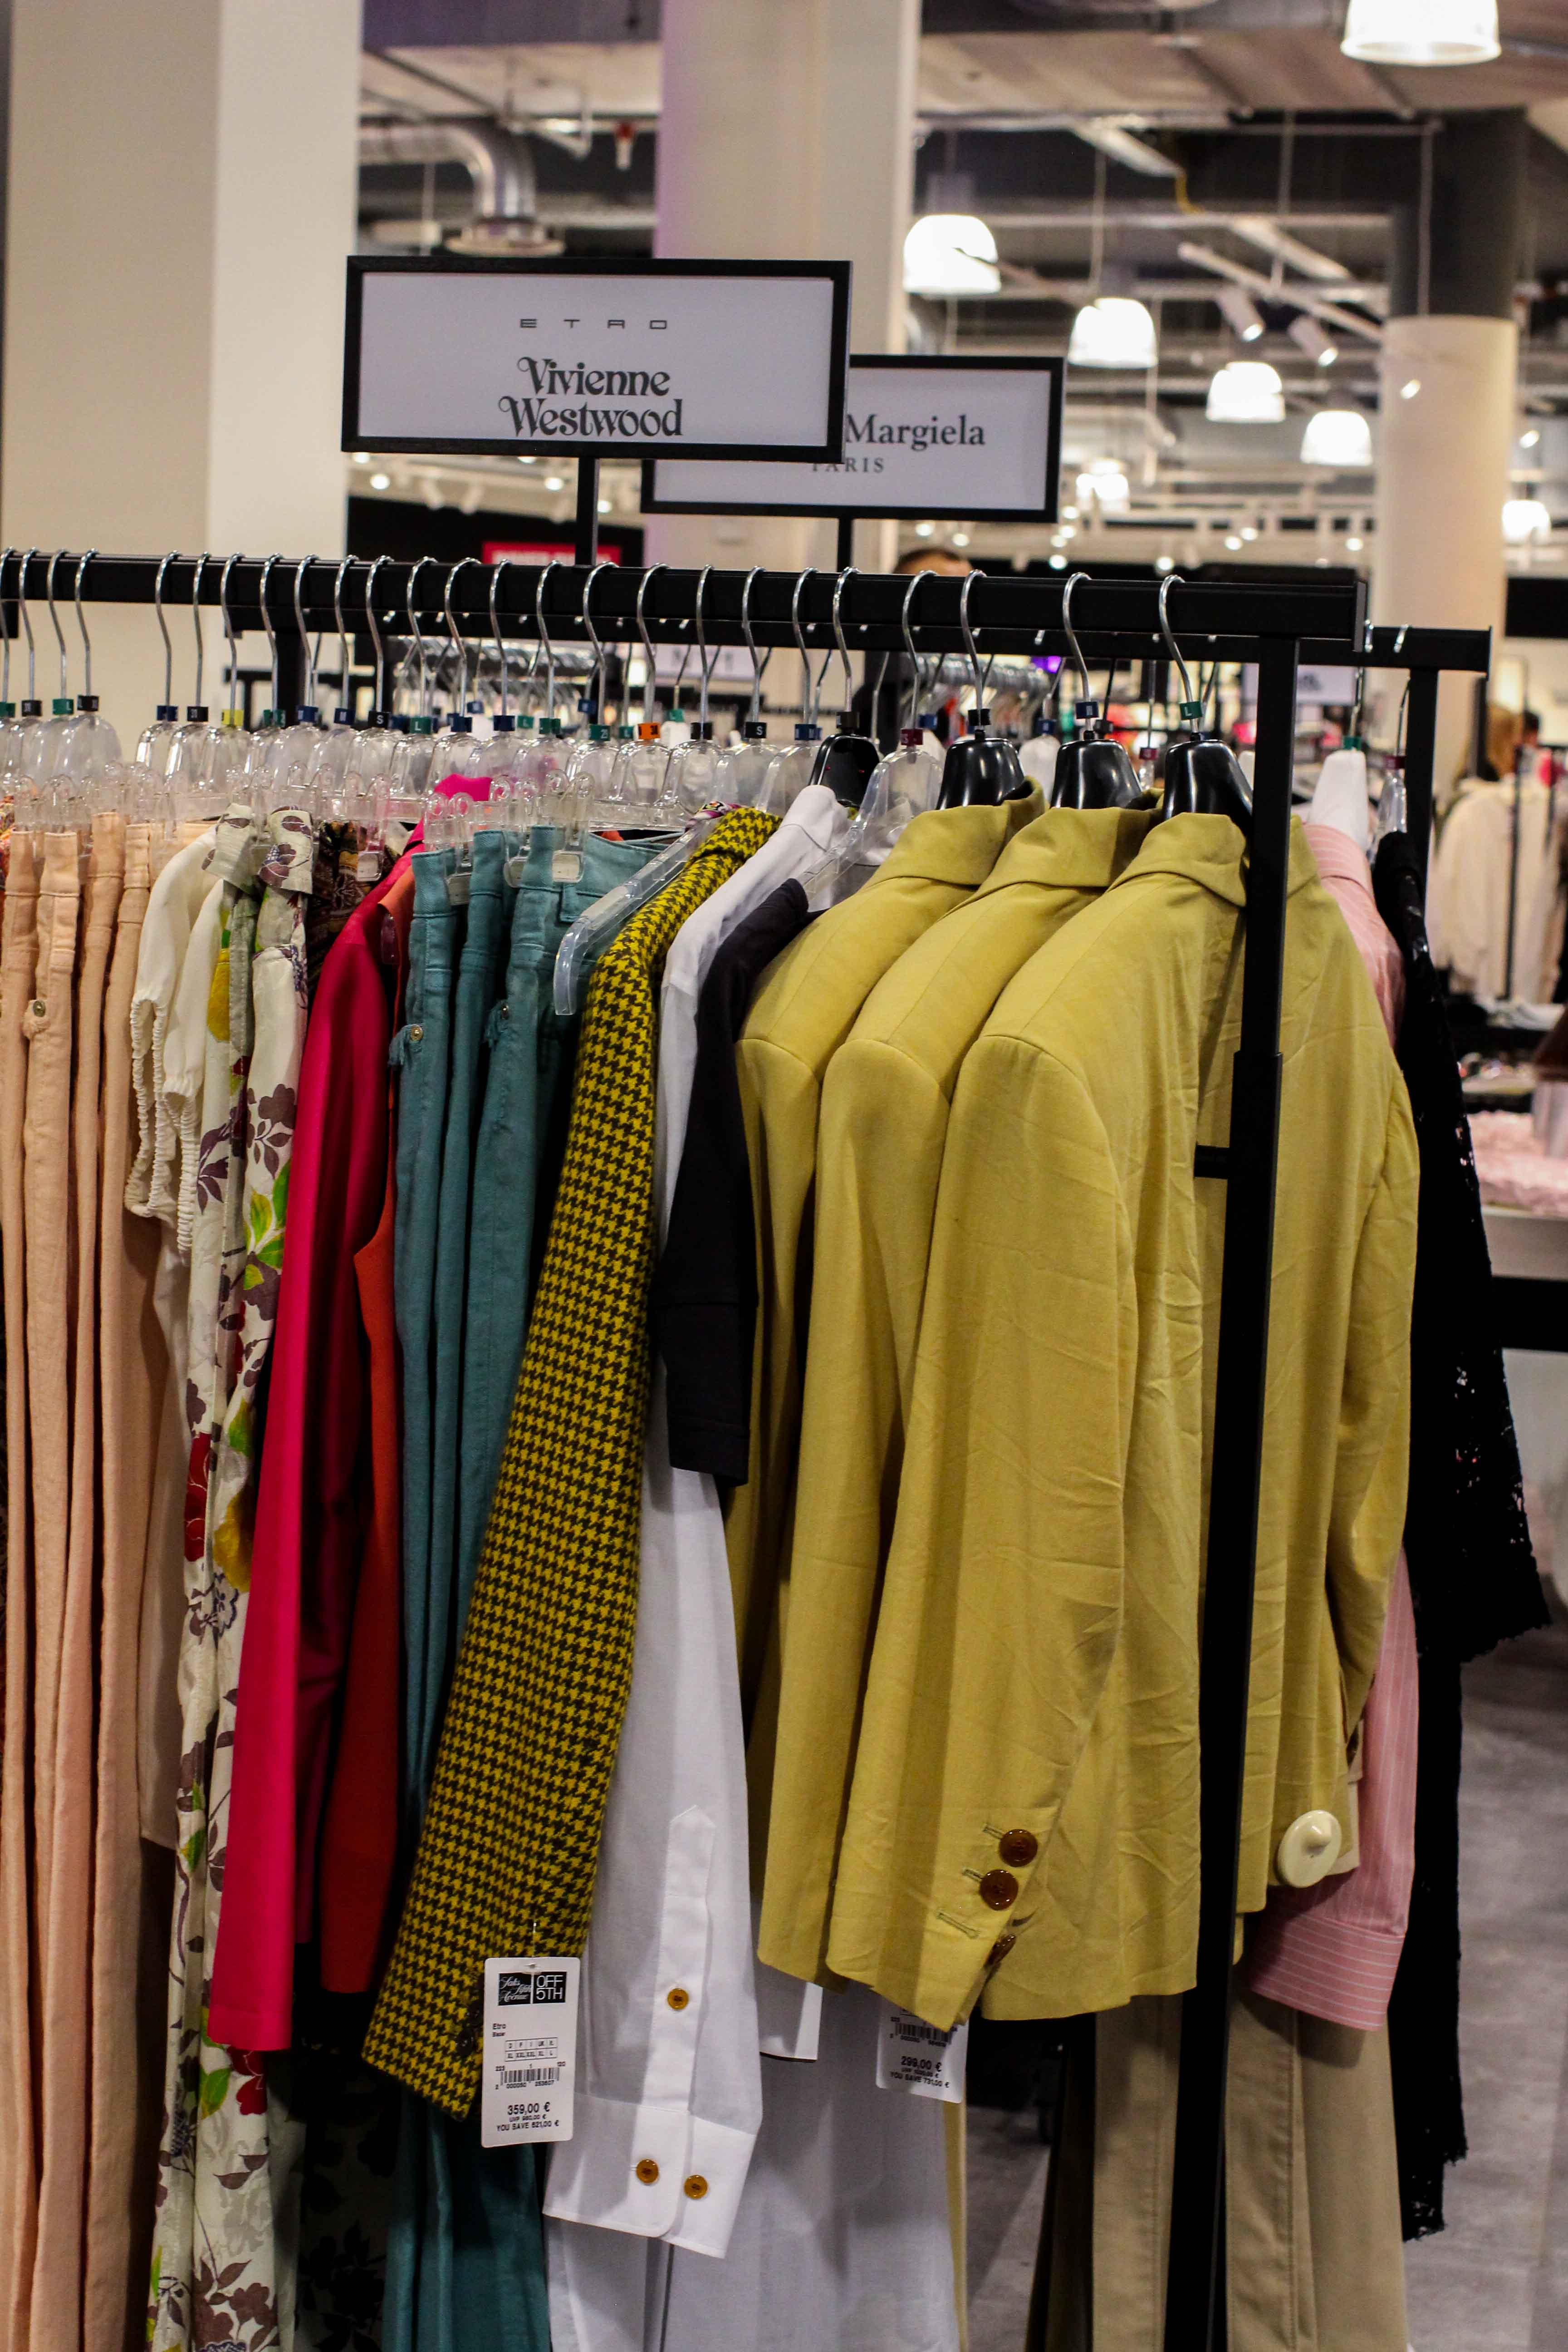 Vivienne Westwood Store Opening Saks OFF 5th Avenue Bonn Premium-Marken Outletpreis Designer Outlet Bonn Modeblog